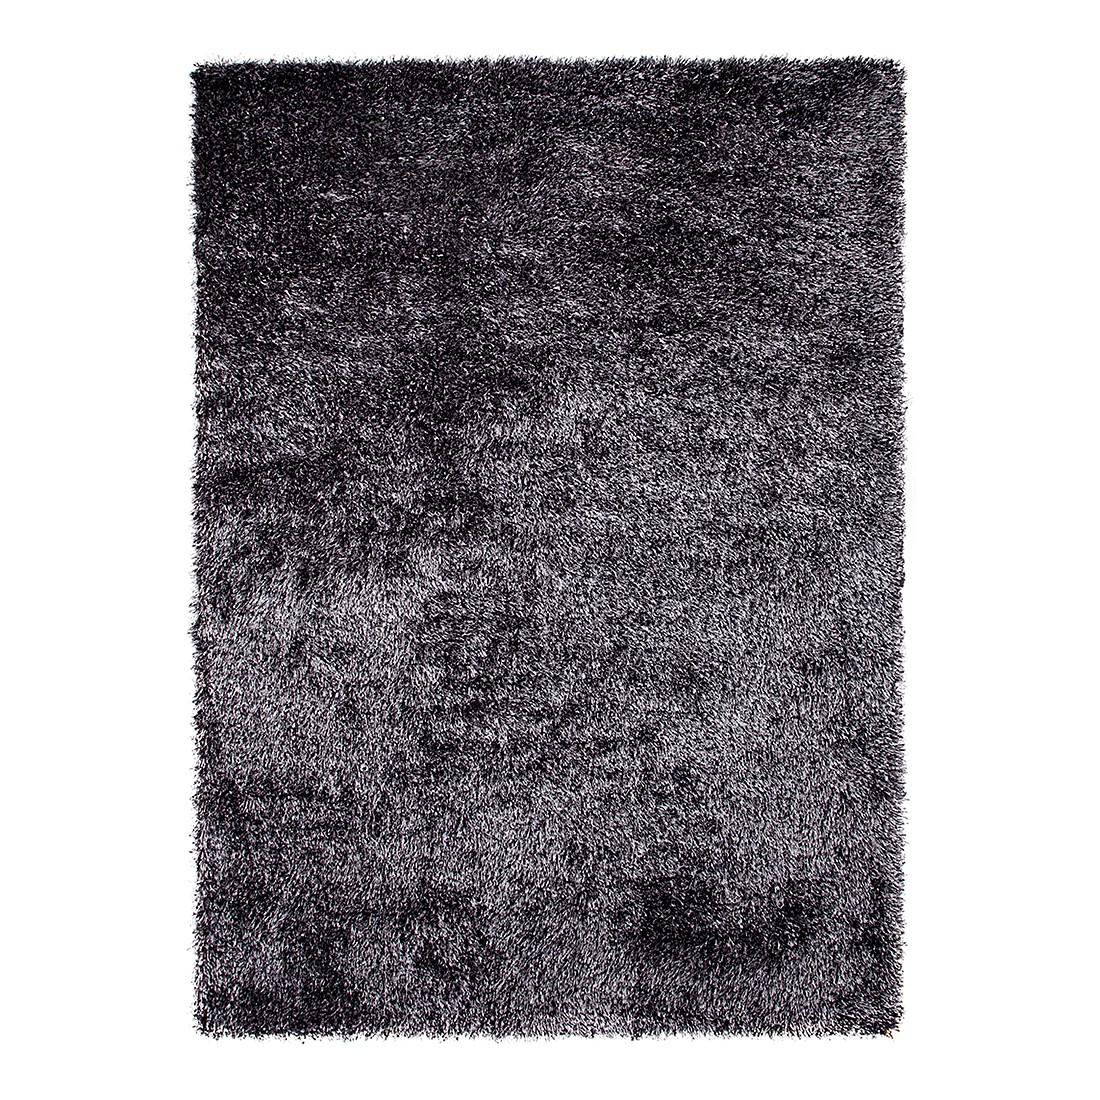 Teppich New Glamour – Anthrazit – 170 cm x 240 cm, Esprit Home jetzt bestellen